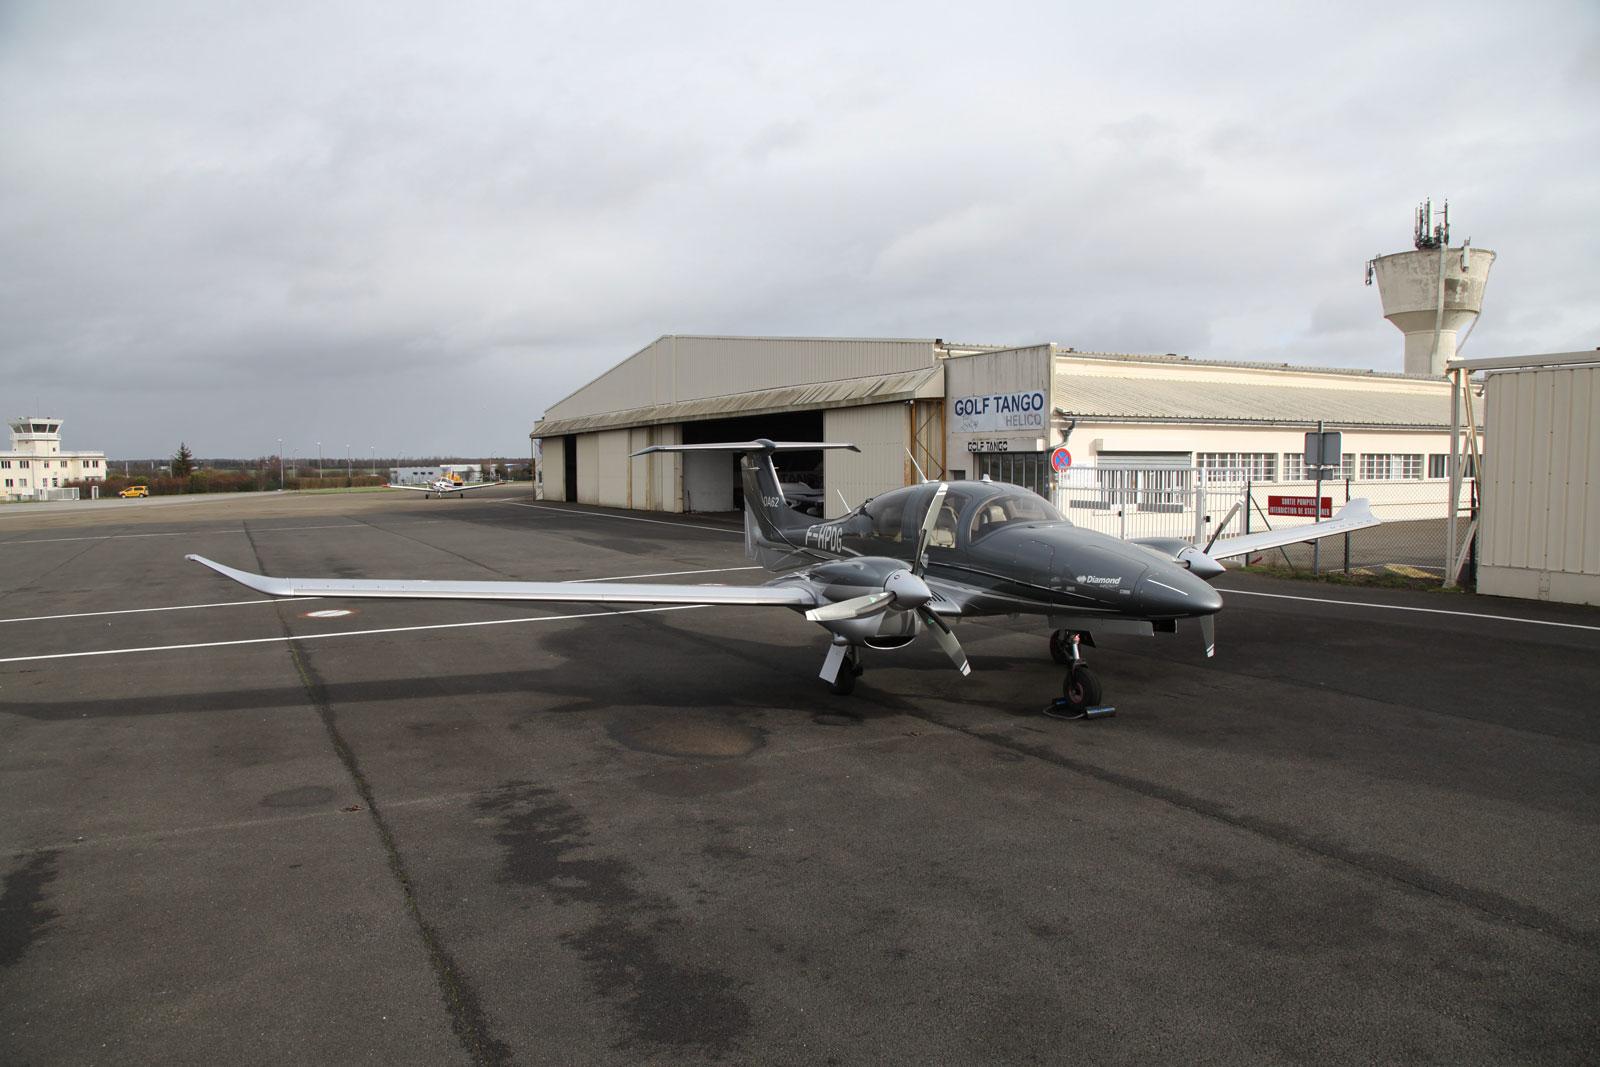 2018 DIAMOND AIRCRAFT DA 62 en occasion ATA by Pelletier à Avignon